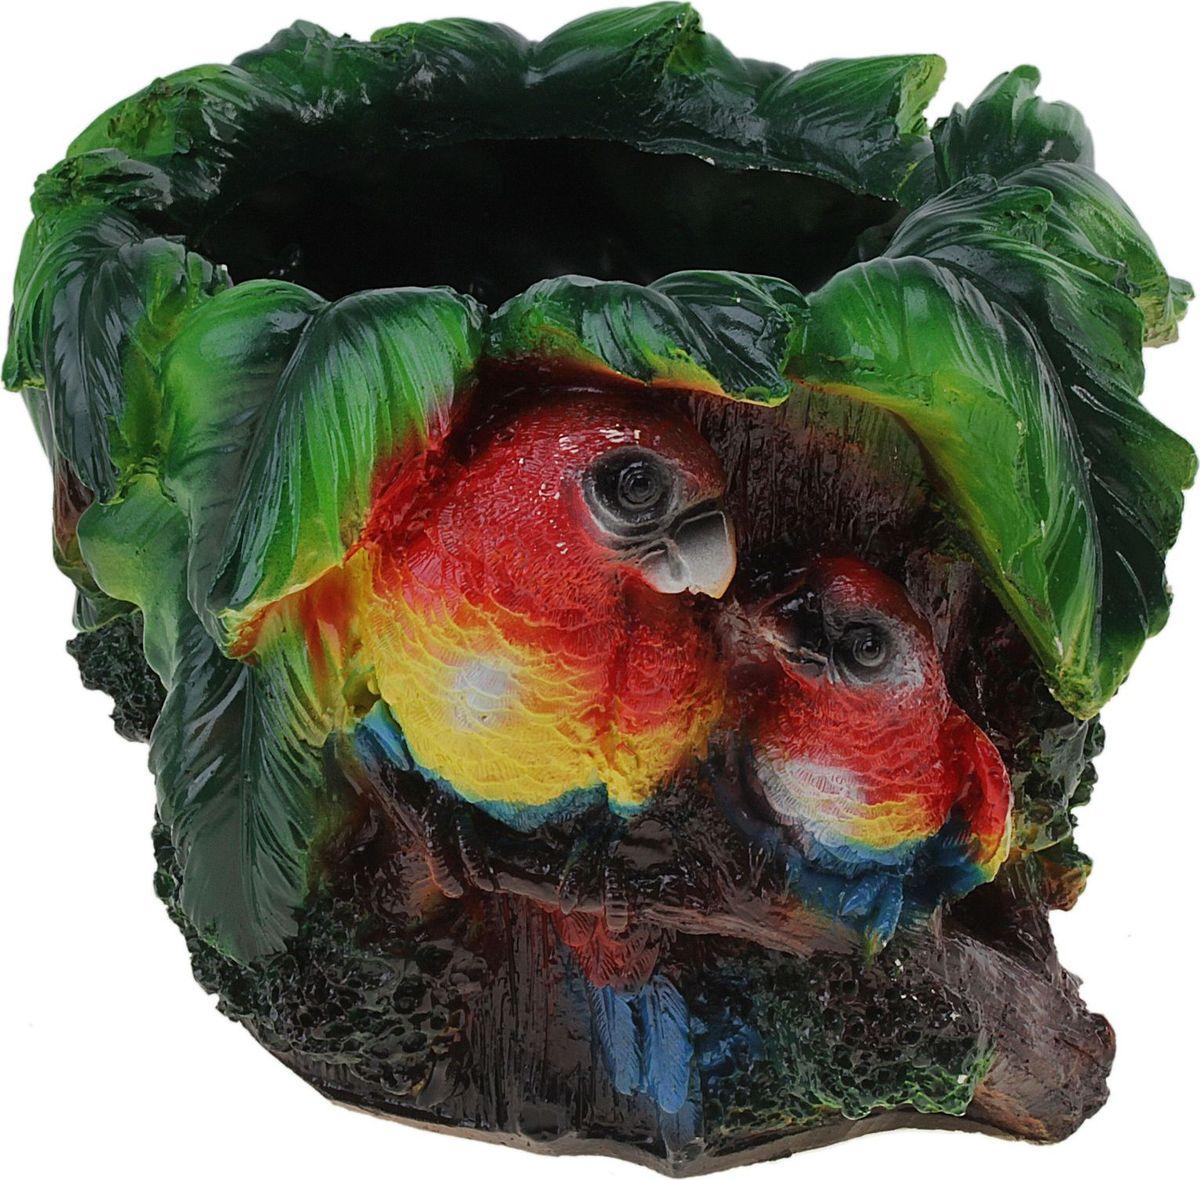 Кашпо Попугай, 21 х 21 х 17 см628383Комнатные растения — всеобщие любимцы. Они радуют глаз, насыщают помещение кислородом и украшают пространство. Каждому из растений необходим свой удобный и красивый дом. Поселите зеленого питомца в яркое и оригинальное фигурное кашпо. Выберите подходящую форму для детской, спальни, гостиной, балкона, офиса или террасы. позаботится о растении, украсит окружающее пространство и подчеркнет его оригинальный стиль.